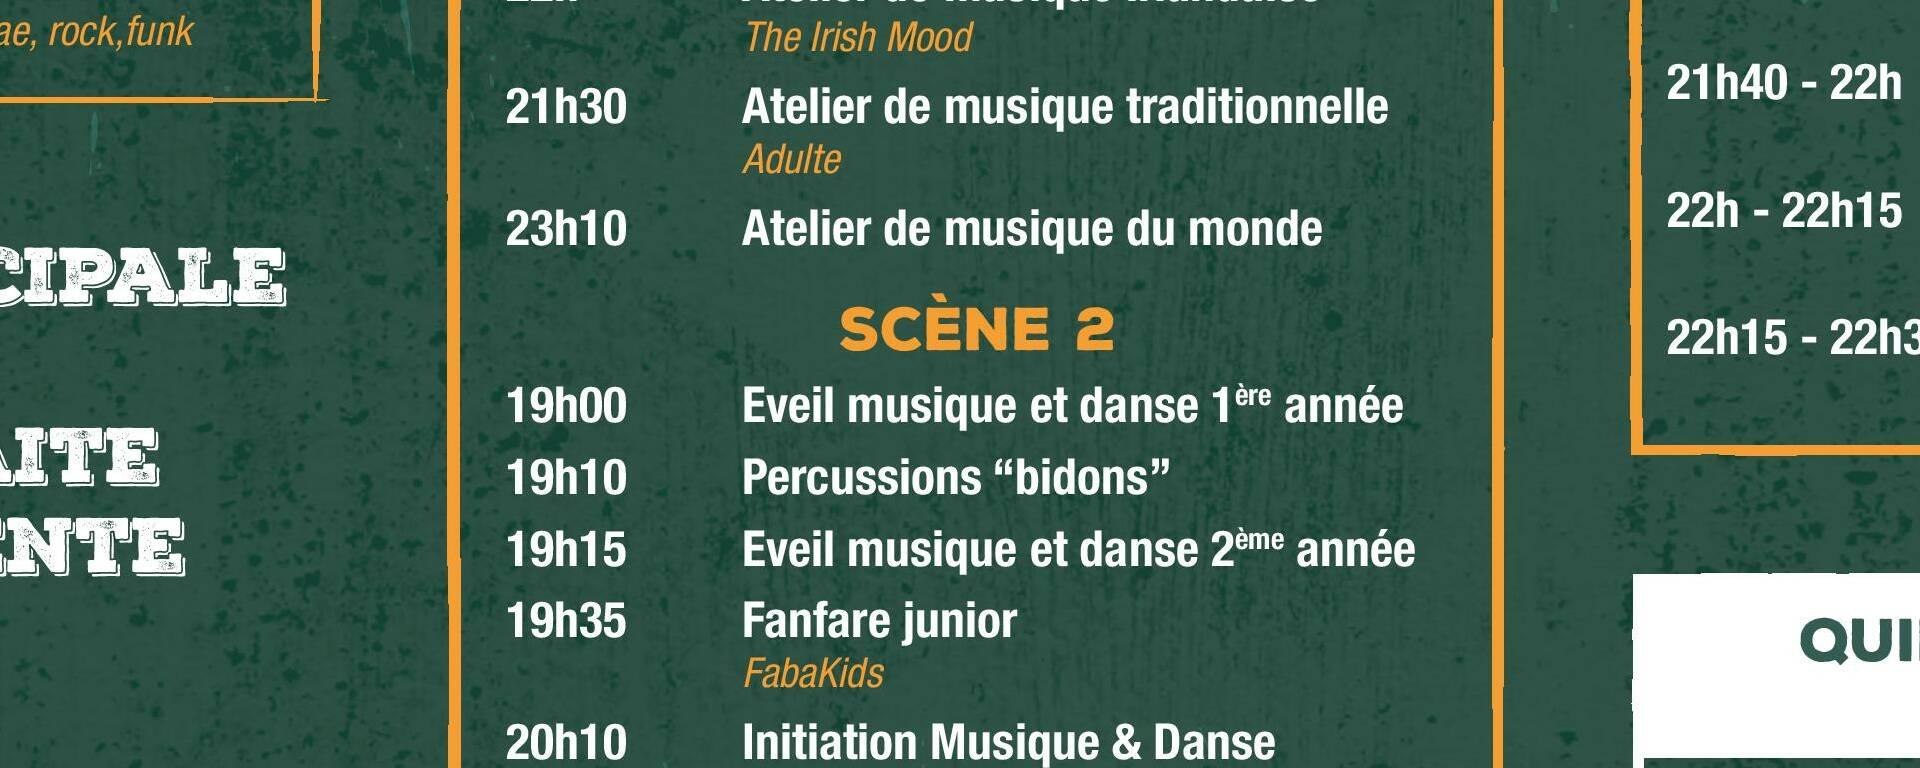 Programme de la Fête de la Musique de Baud - verso